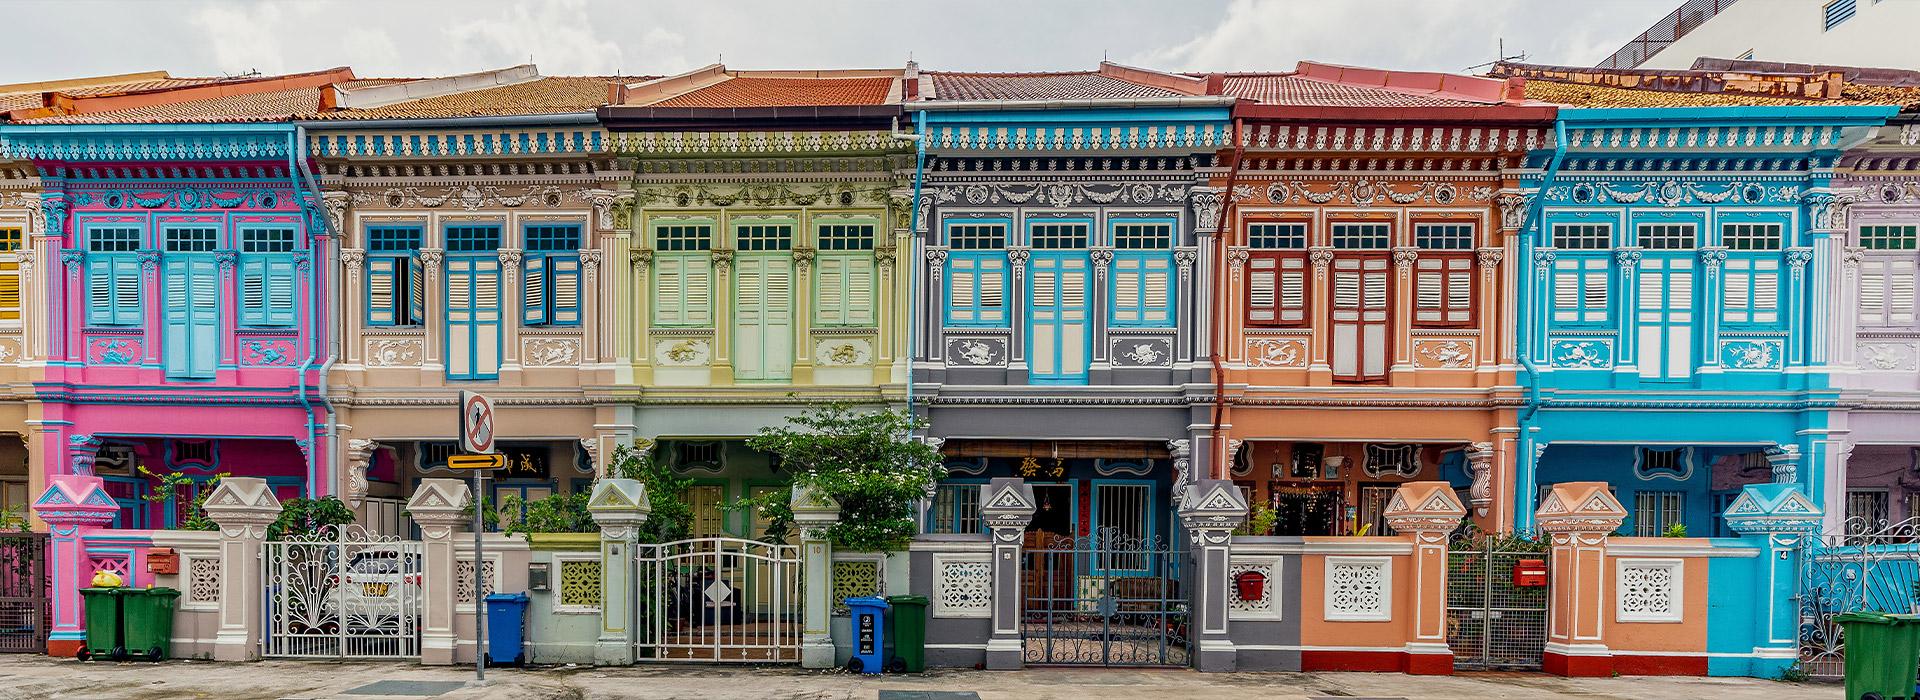 Reisen nach Singapur - Individuelle Reisen nach Singapur - Harry Kolb AG - Tourismus